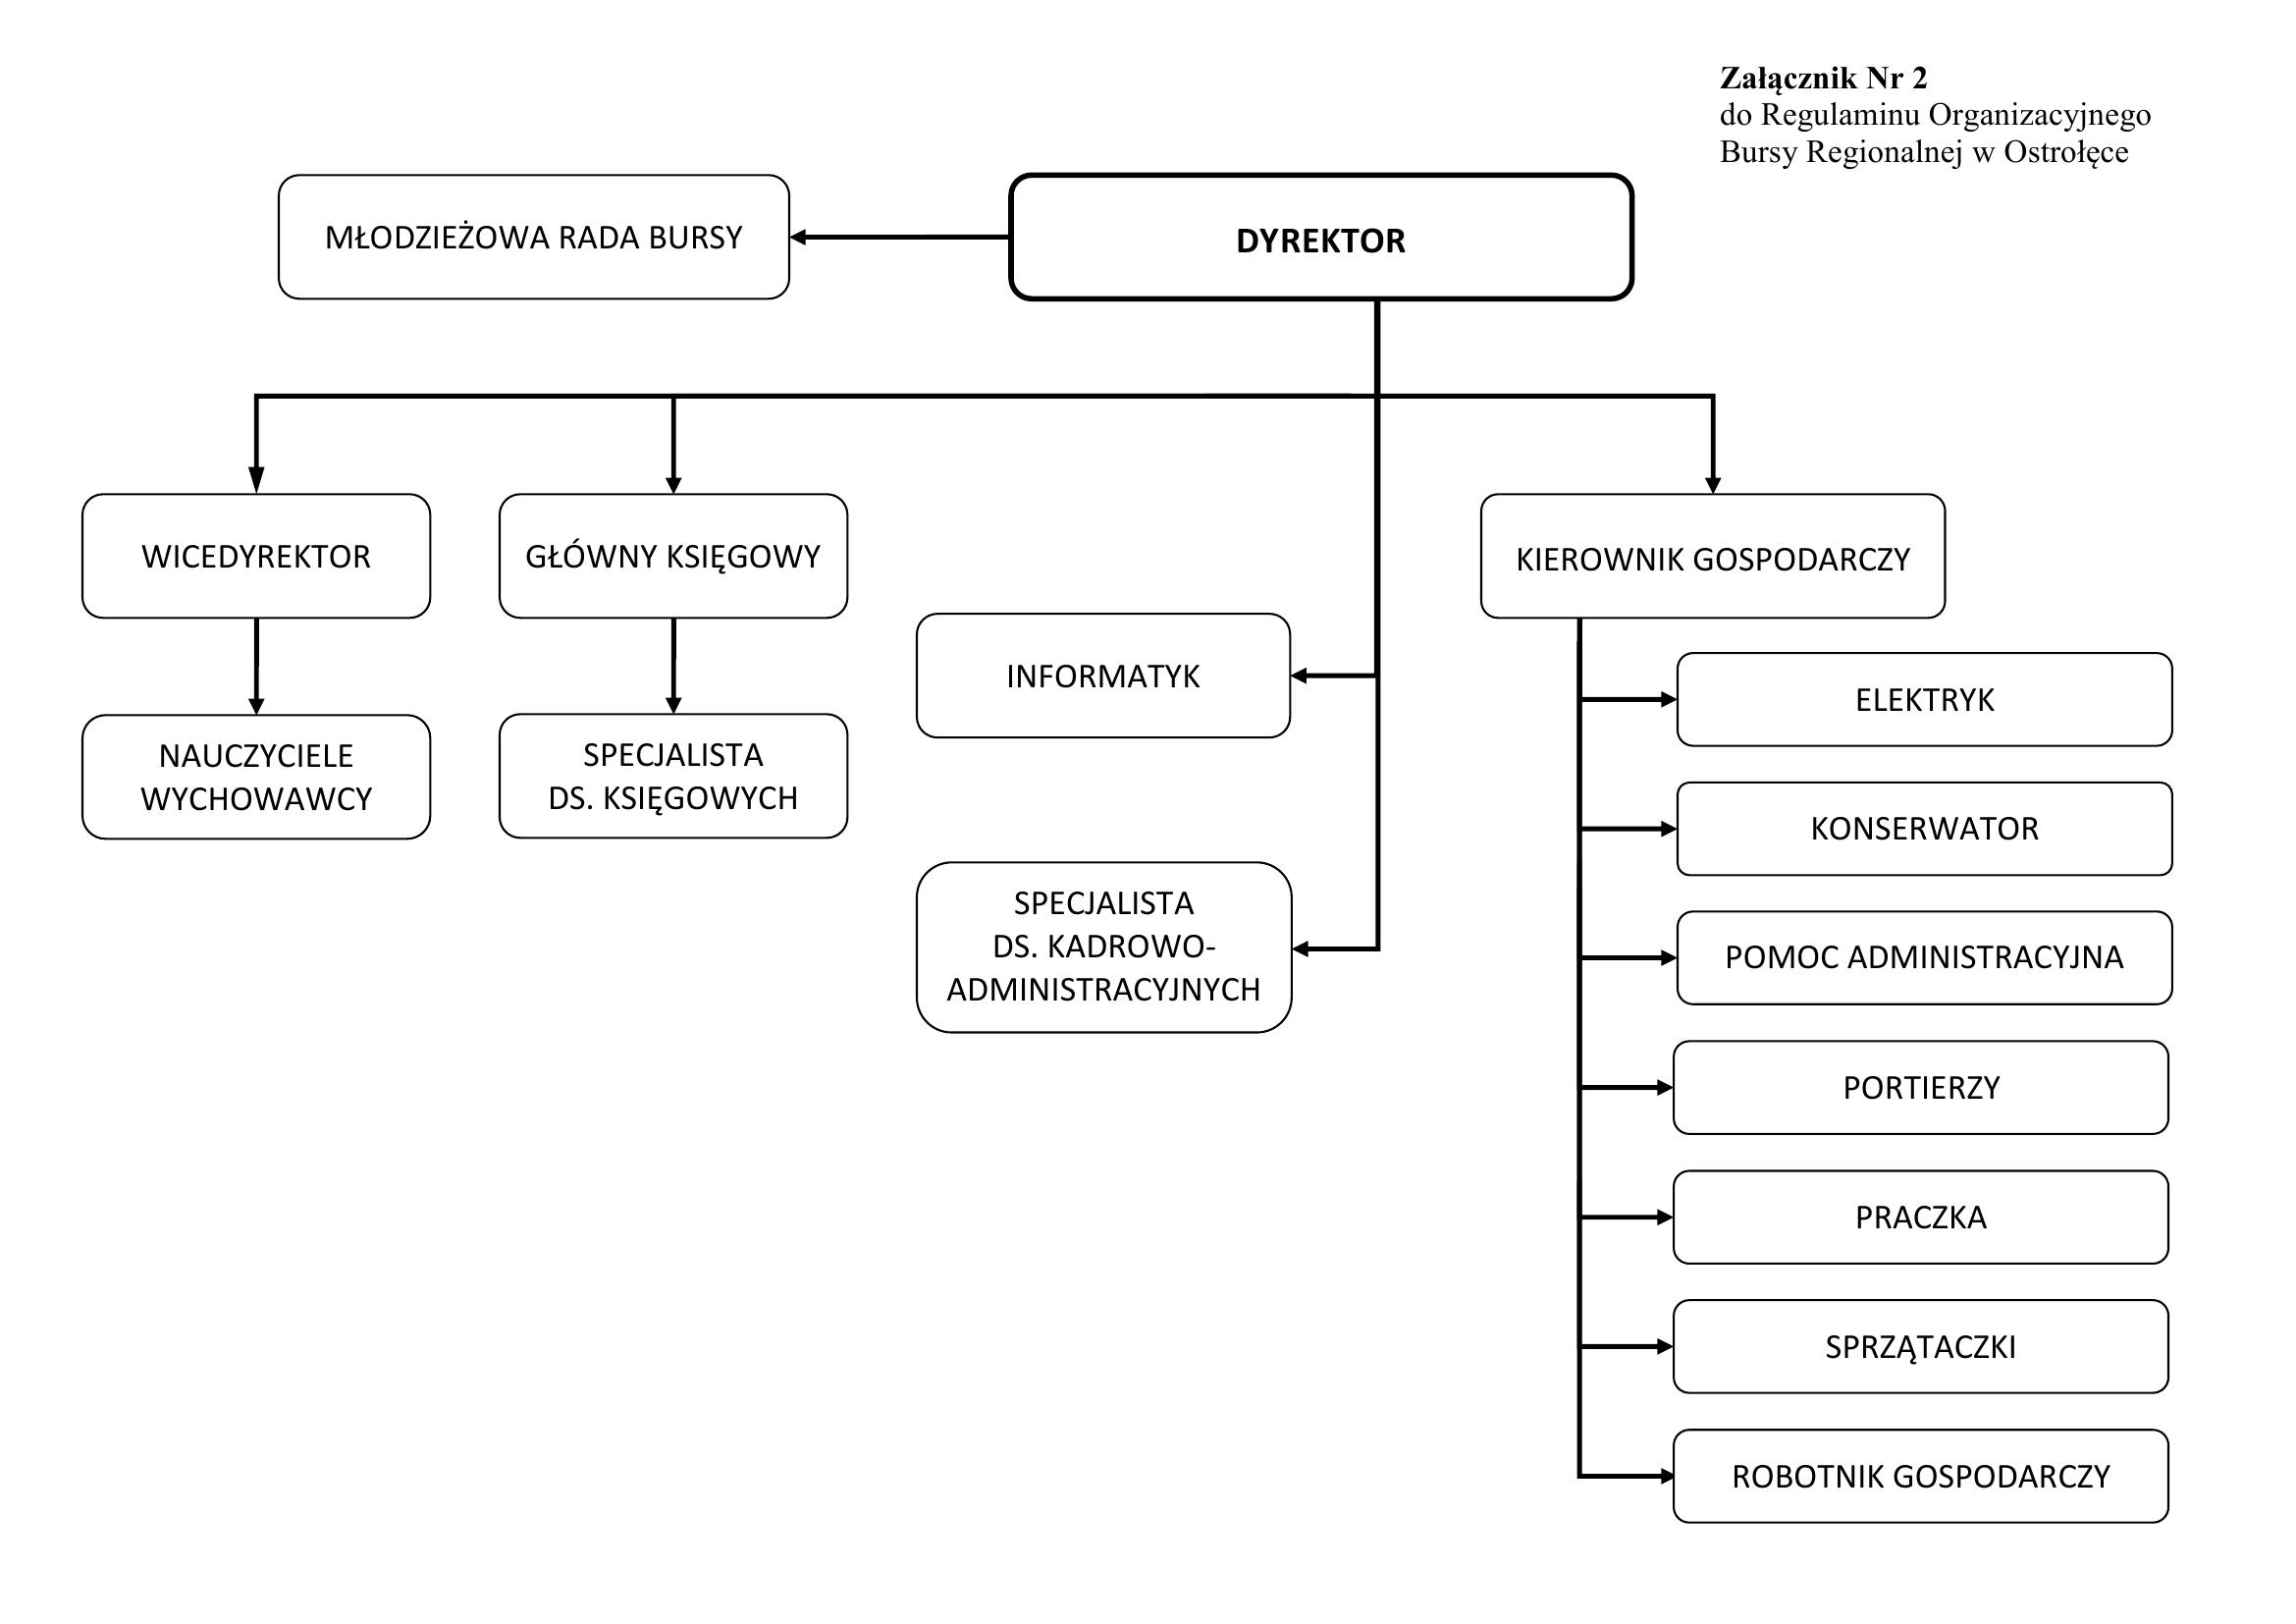 Obraz - schemat organizacyjny Bursy Regionalnej w Ostrołęce